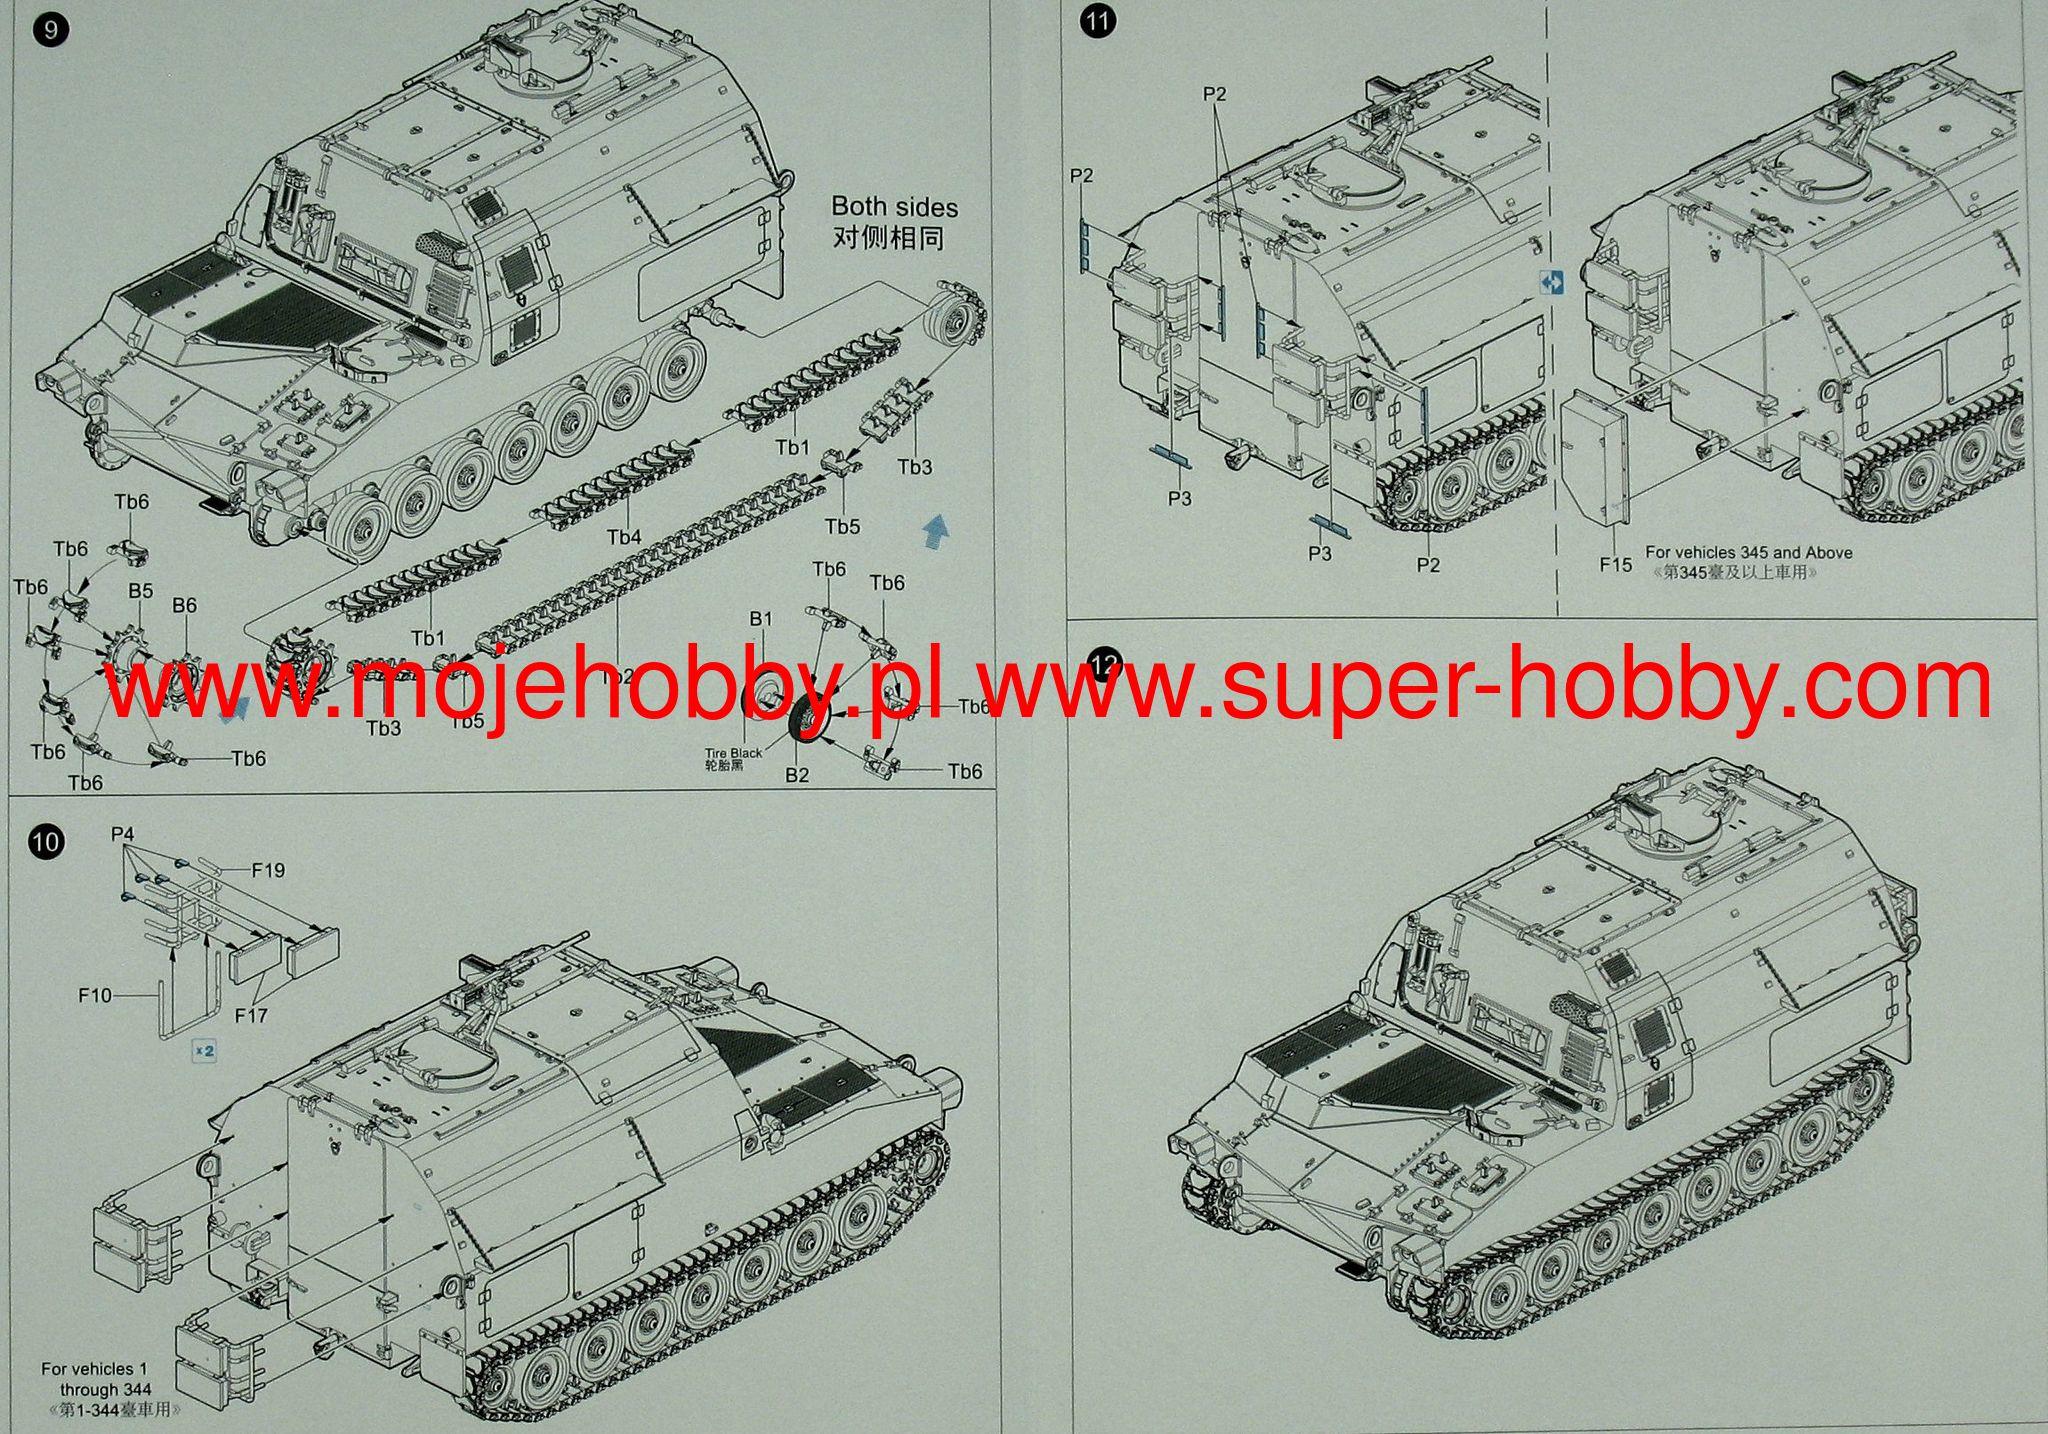 M992 édition limitée Riich Models 72002 S 1:72nd échelle M109A2